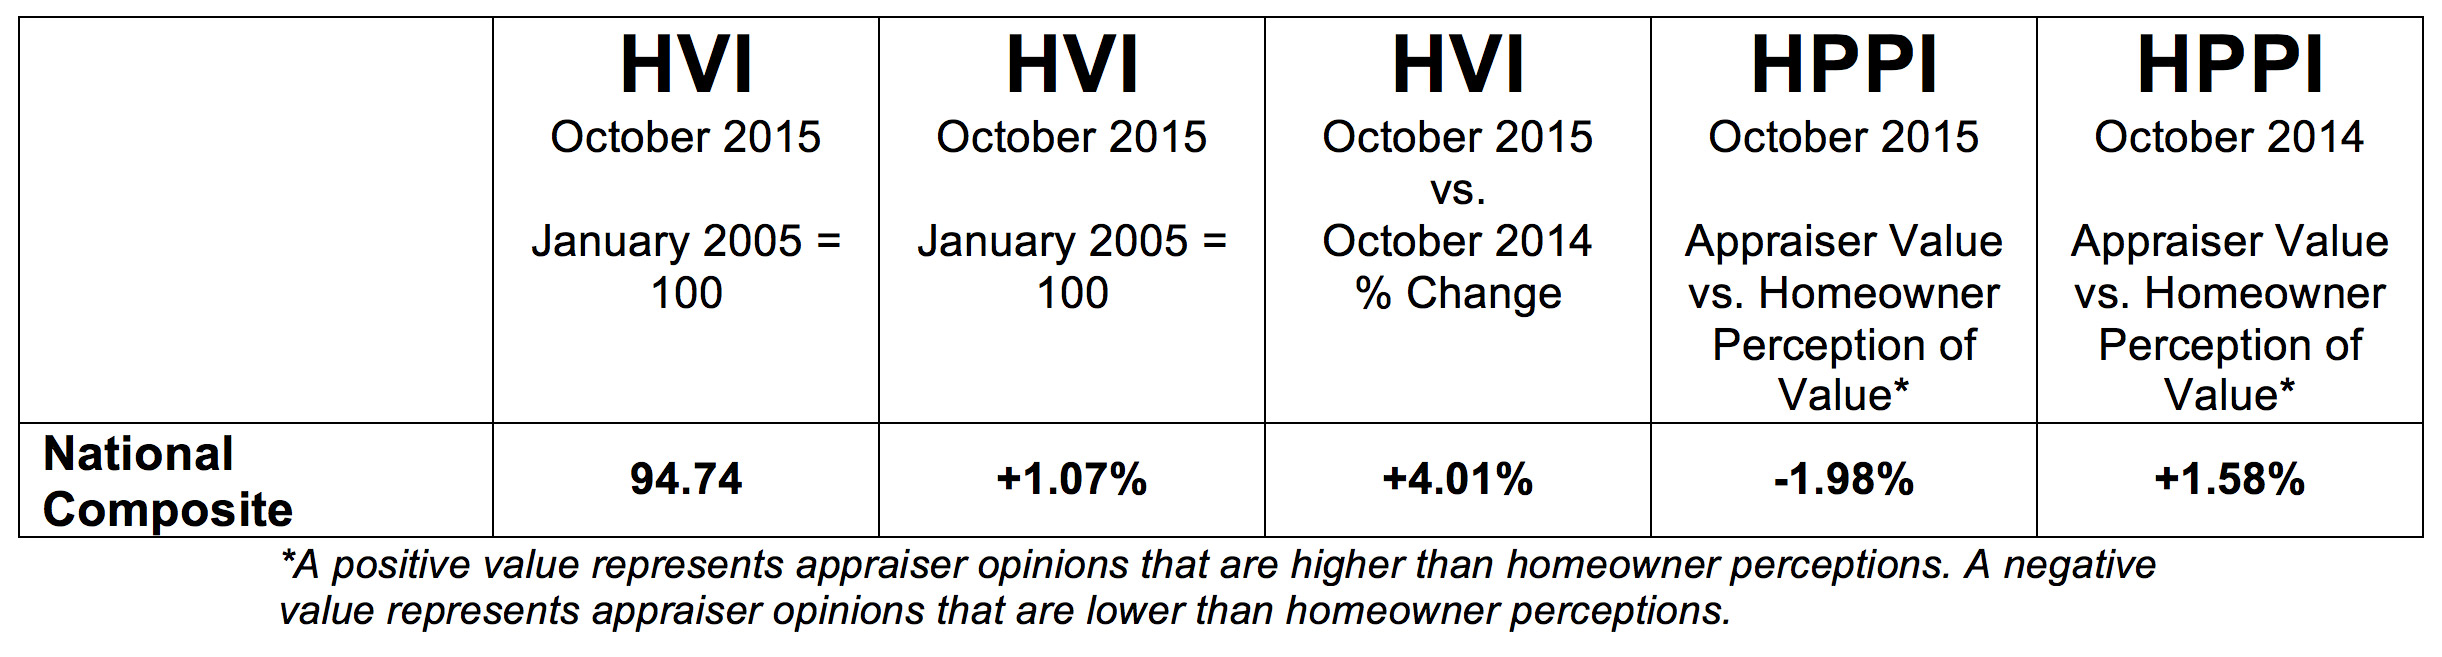 P-HVI-HPPI-Tables-201511-NationalComposite